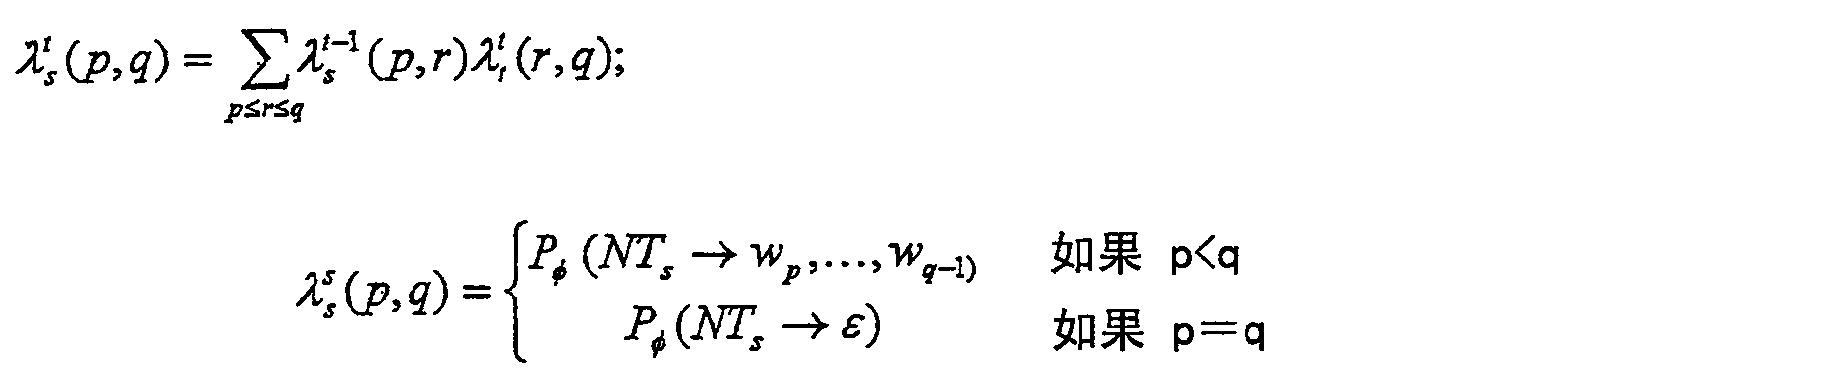 Figure CN1542736BD00155